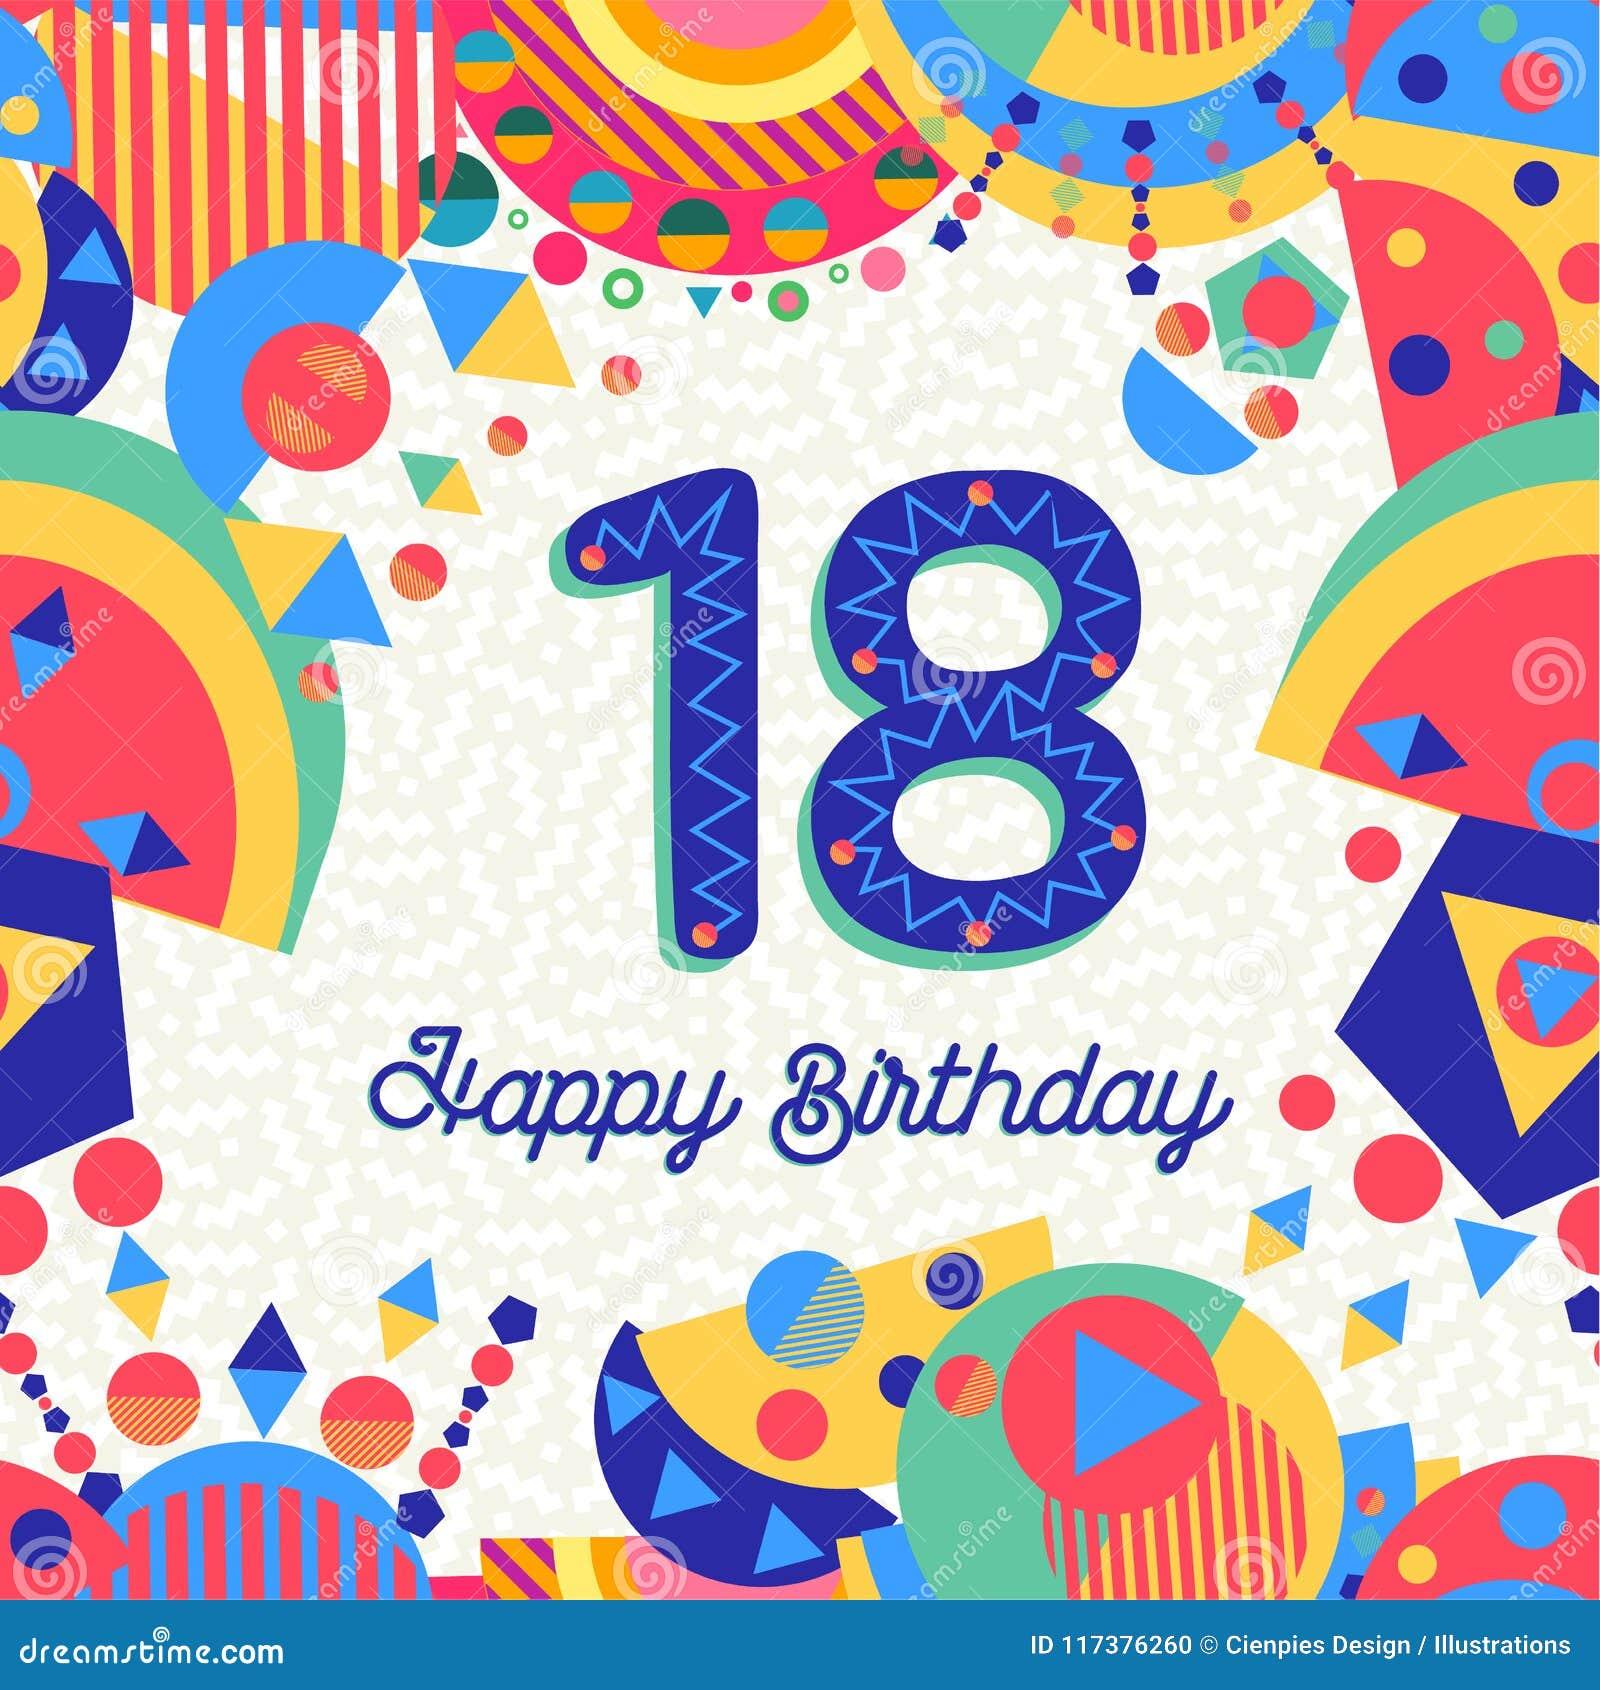 7b13b40e4 Dieciocho número de la tarjeta de felicitación del cumpleaños de 18 años